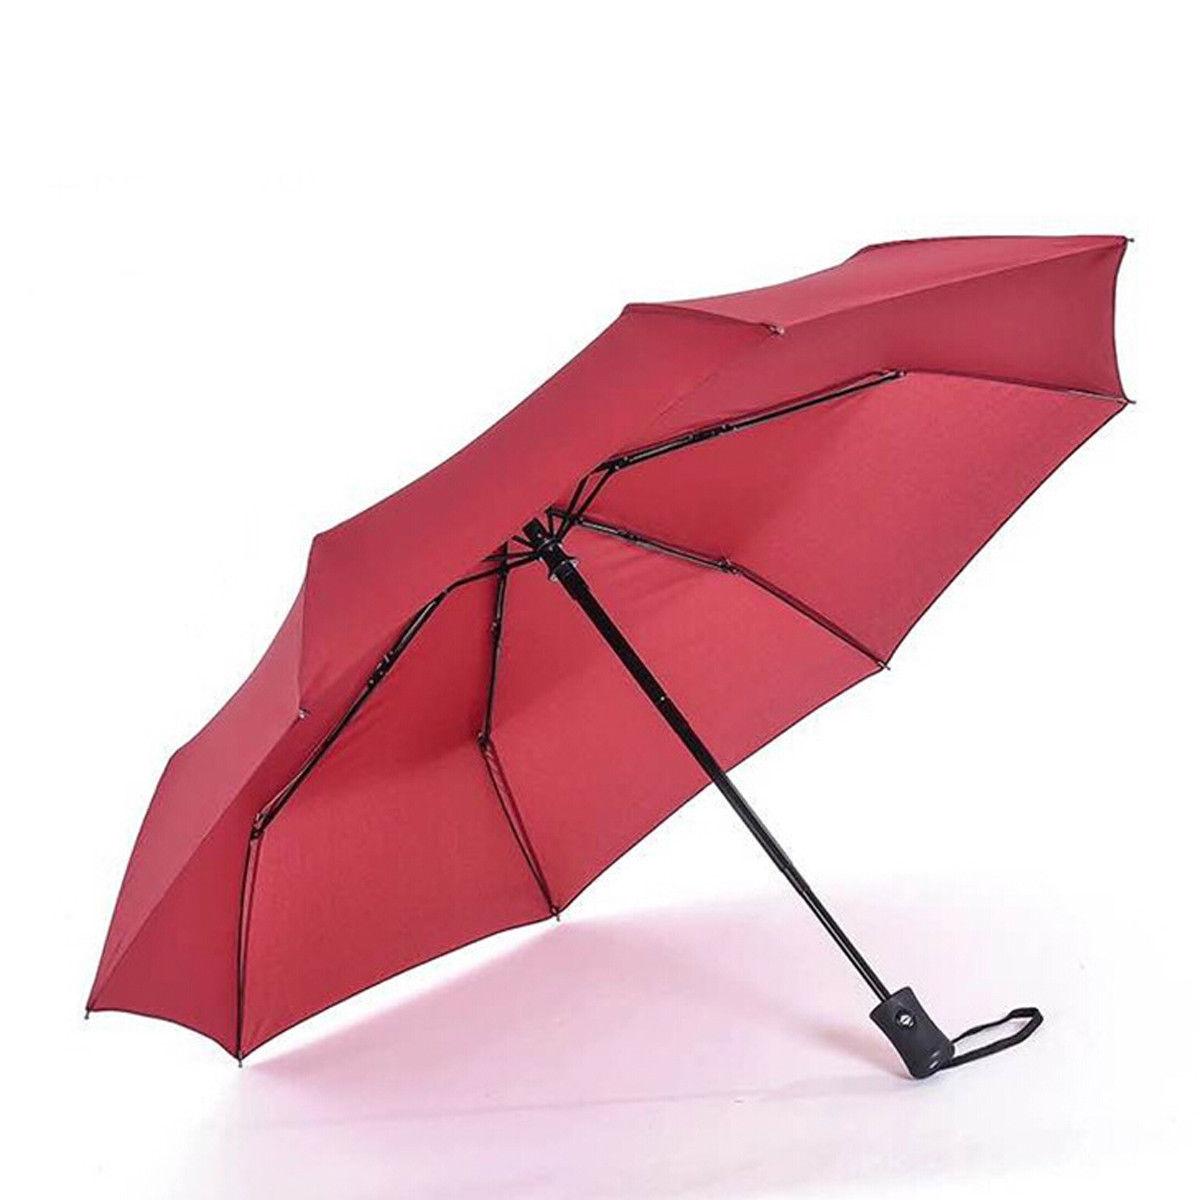 Новое поступление популярный автоматический зонт ветрозащитный мужской черный Компактный широкий автоматический открытый закрытый легкий - Цвет: Красный